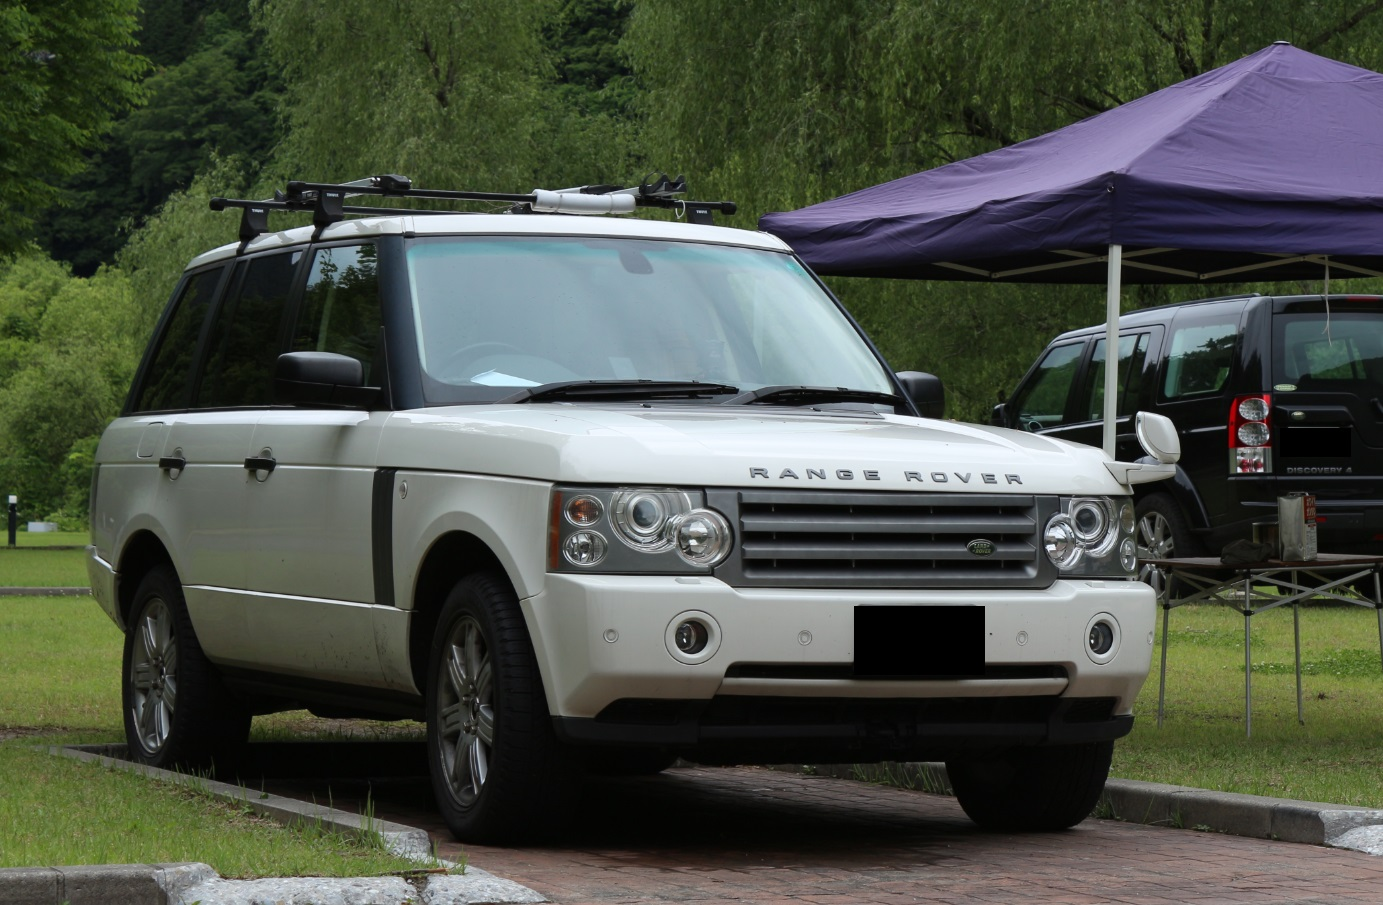 3rd Range Rover, third range rover, range rover, レンジローバー, 3rd レンジローバー, サードレンジローバー,